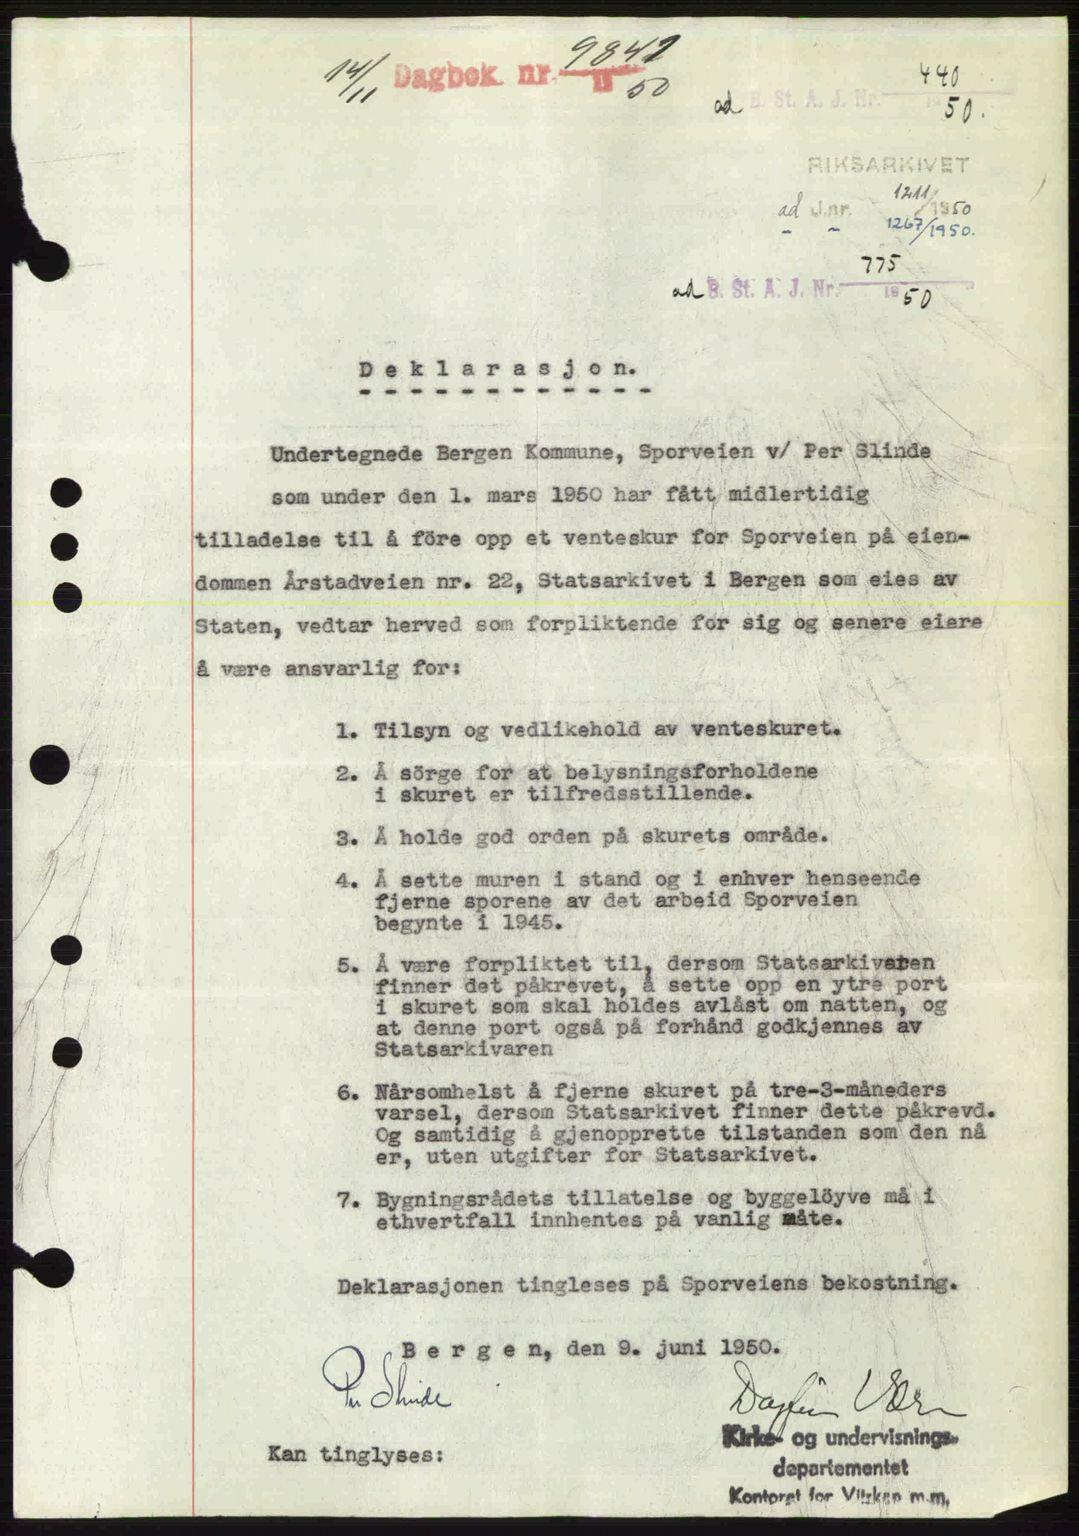 SAB, Byfogd og Byskriver i Bergen, 03/03Bc/L0034: Pantebok nr. A27-28, 1950-1950, Dagboknr: 9841/1950